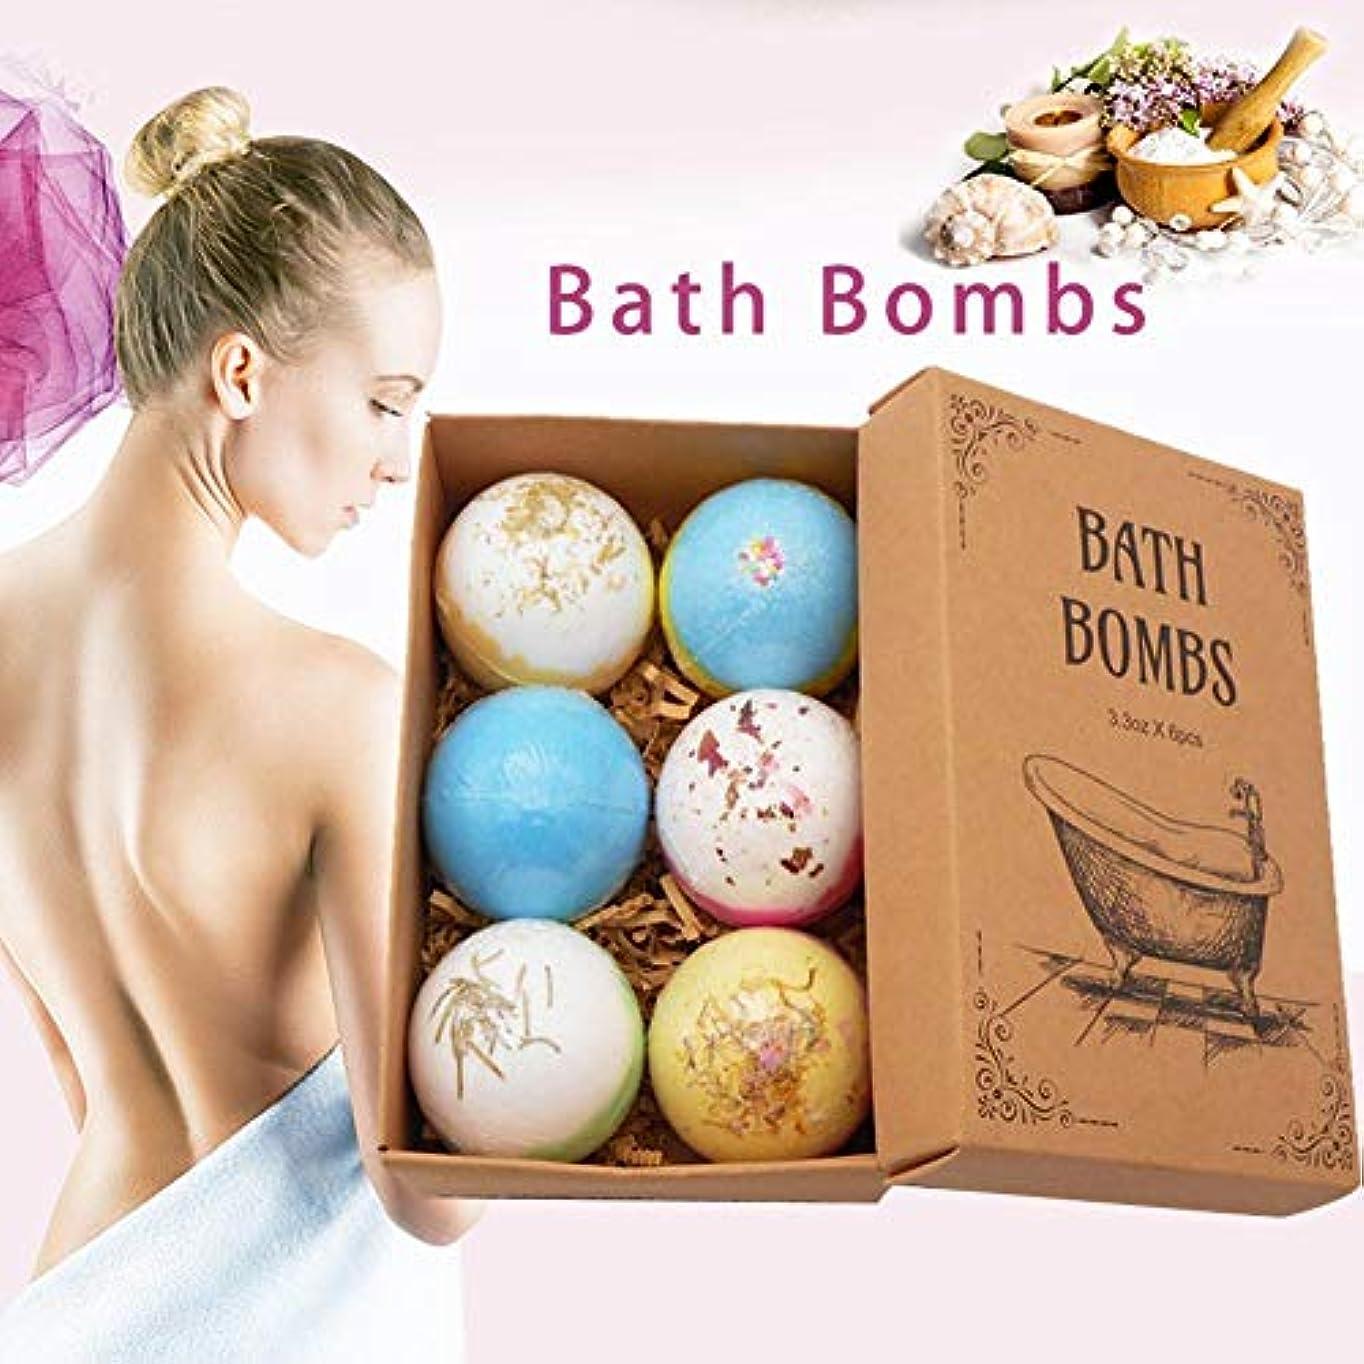 不忠定説くAIMERKUP 6PCSバスボム 自然な手作りの海塩ラベンダー風呂爆弾 母のガールフレンドのためのスパ発泡爆弾ギフト fun